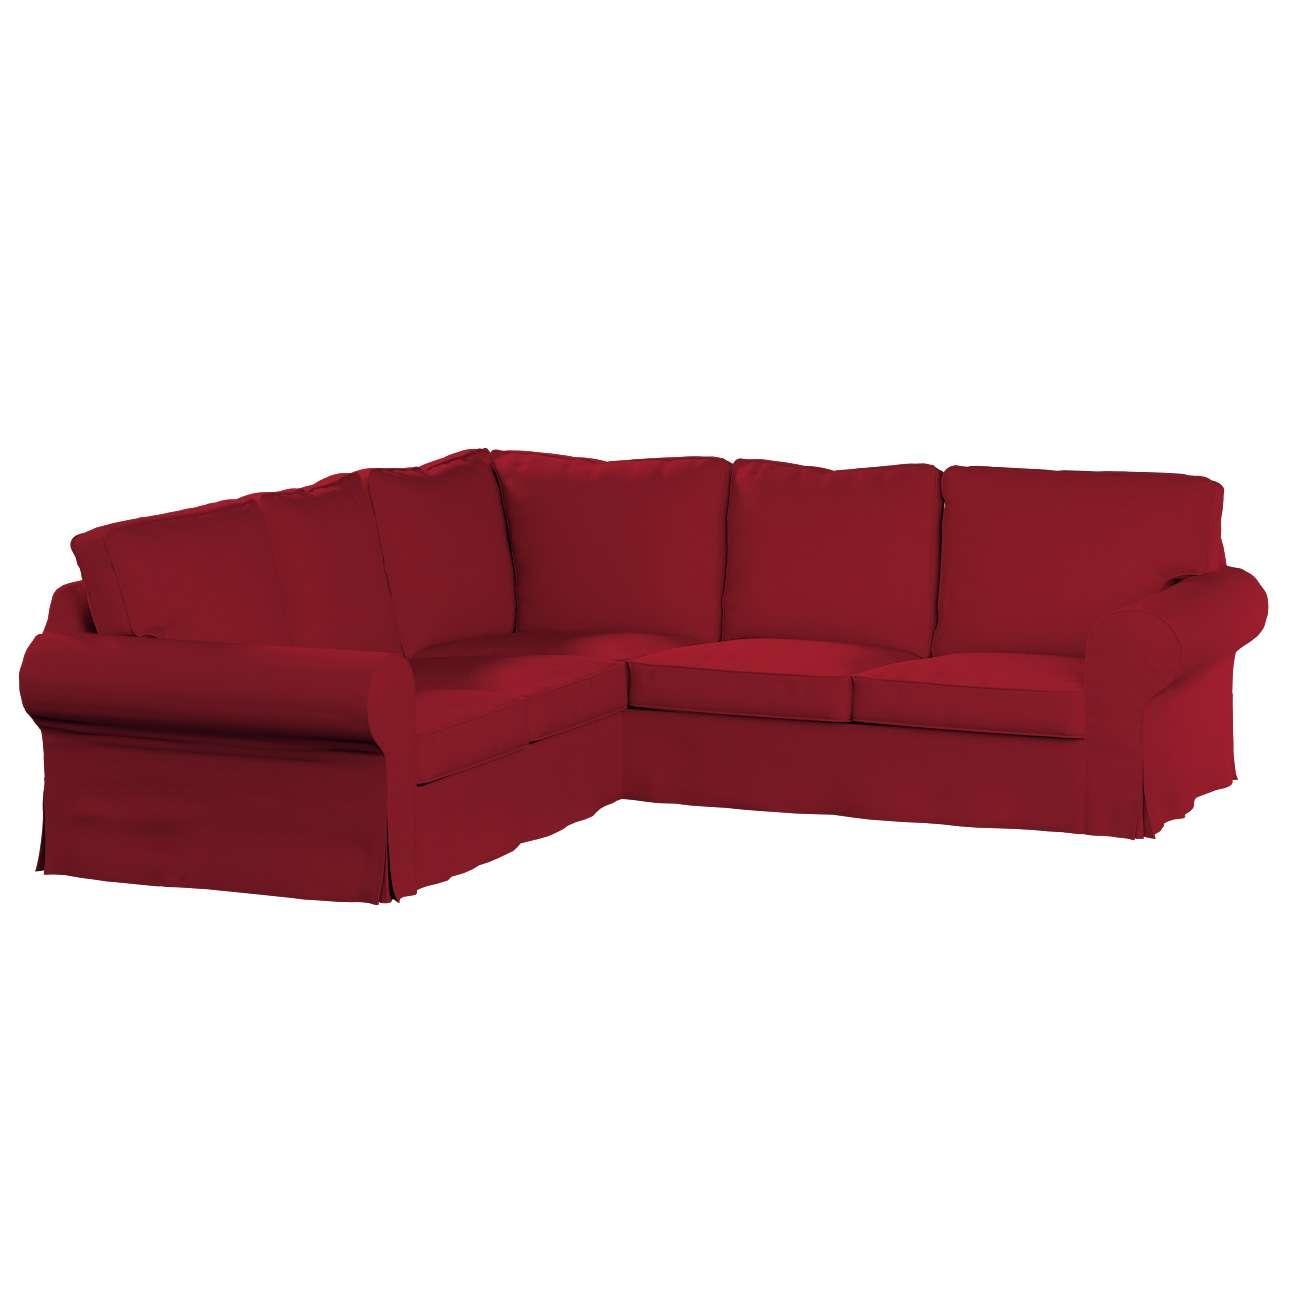 Pokrowiec Ektorp na sofę narożną w kolekcji Chenille, tkanina: 702-24